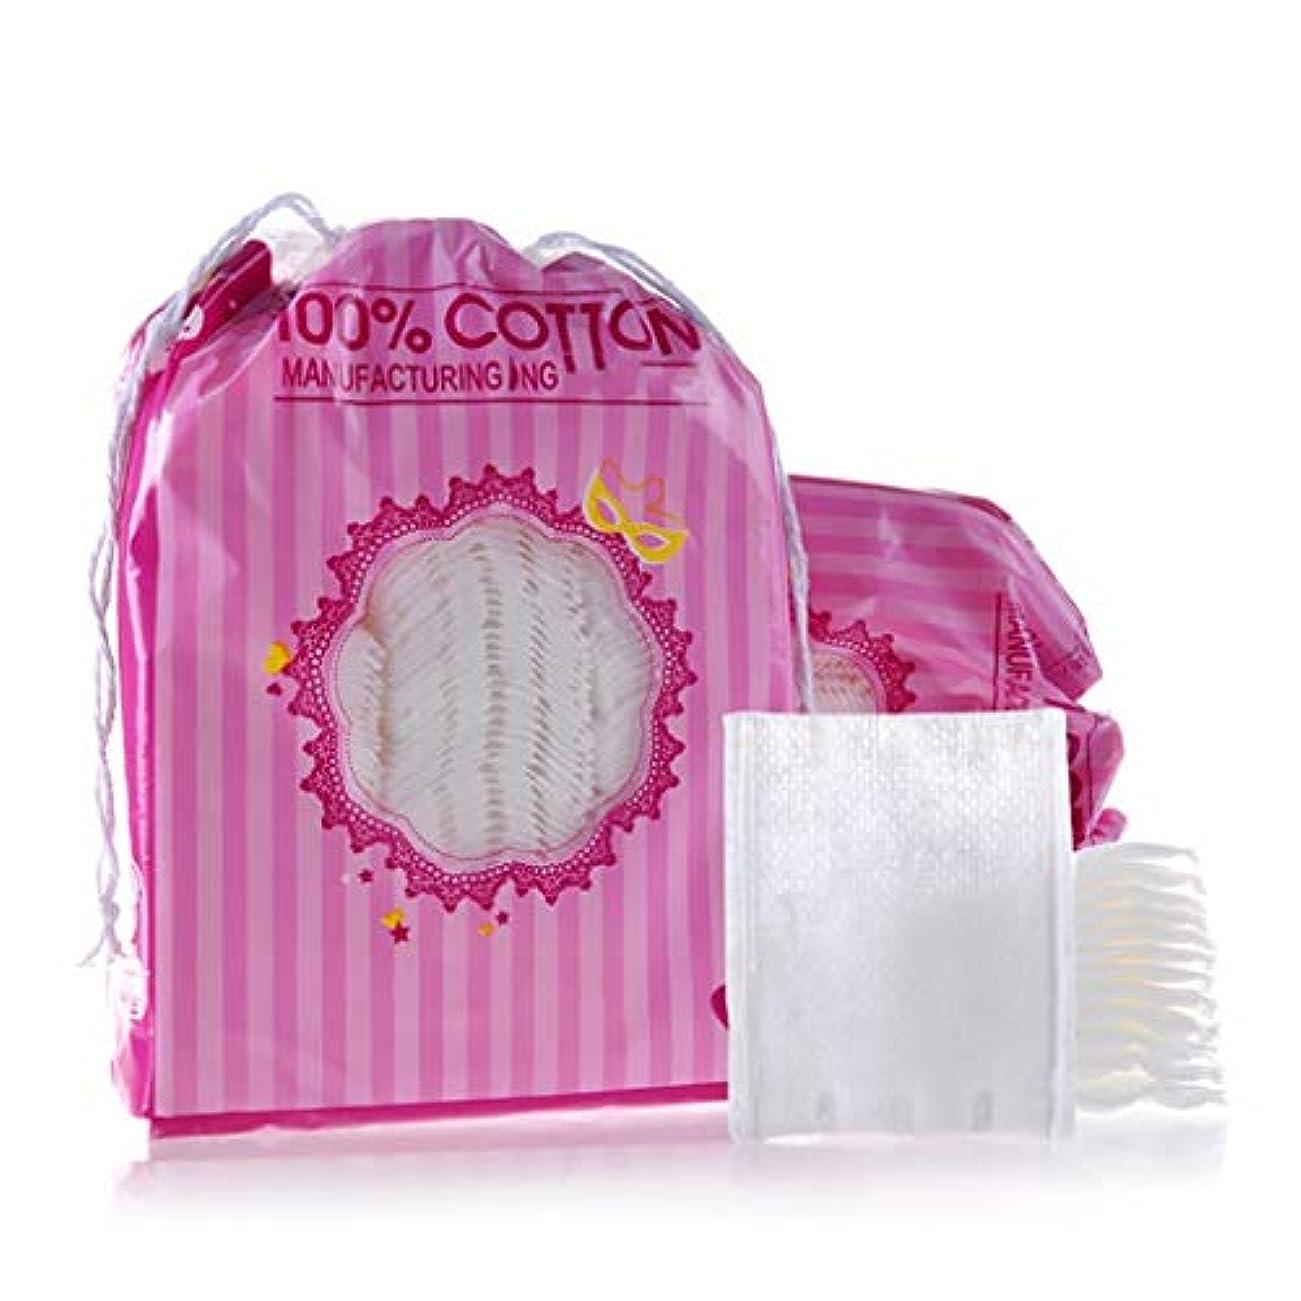 人類情熱困惑したクレンジングシート 200ピースコットンメイクアップリムーバーパッドソフトオーガニックネイルポリッシュワイプ両面フェイスクレンジング美容化粧品パッド (Color : White)